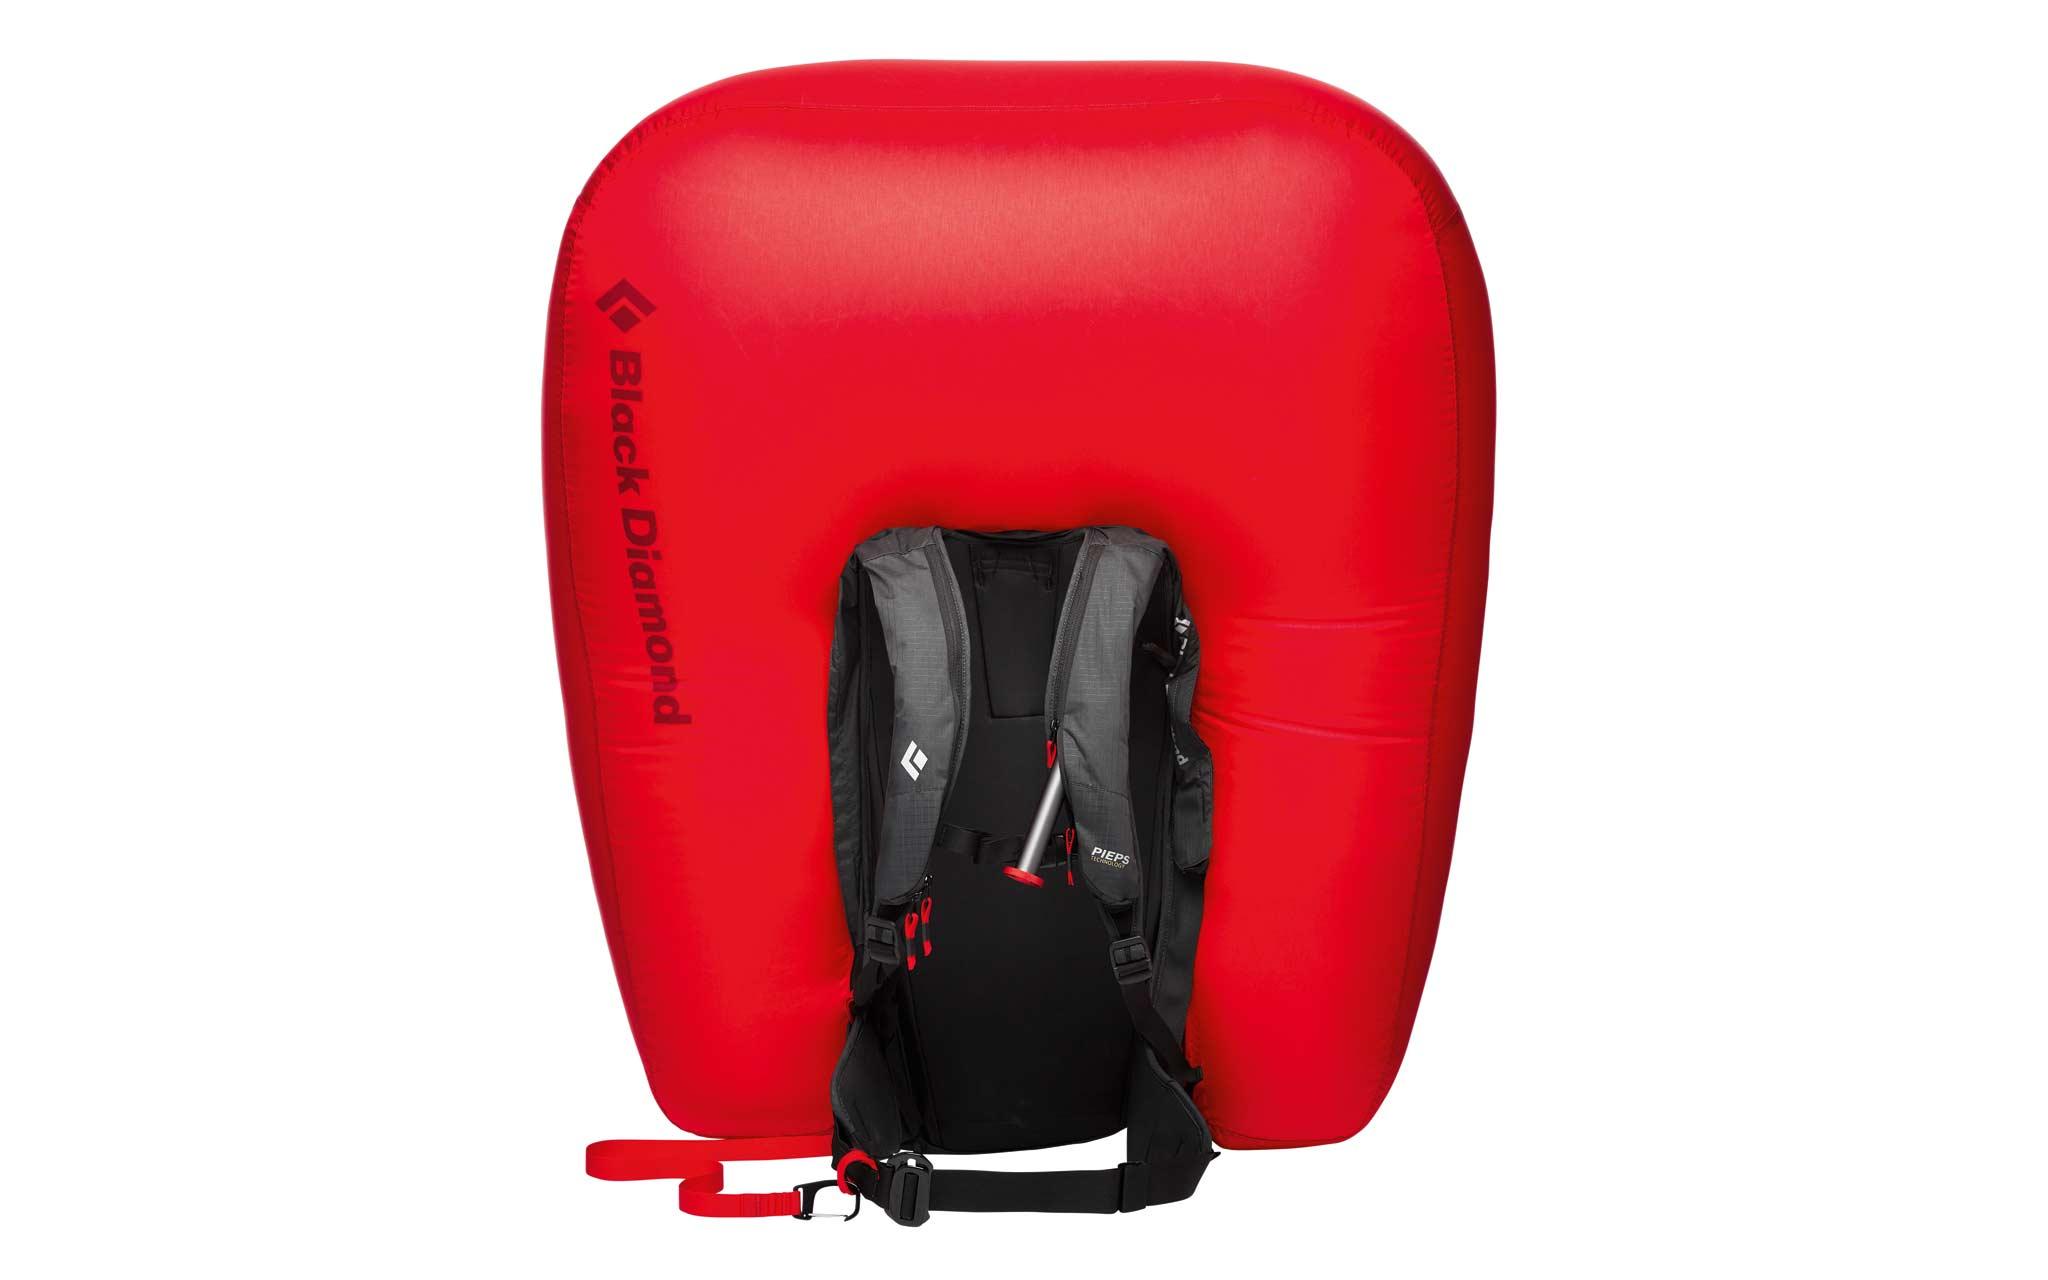 """Black Diamond """"Jetforce Pro 25L"""" 2021 Lawinenrucksack: Mit der Halterung für Eisgeräte und dem verstaubaren Skibefestigungssystem kann der Airbag selbst dann auslösen, wenn Ski am Rucksack angebracht sind."""